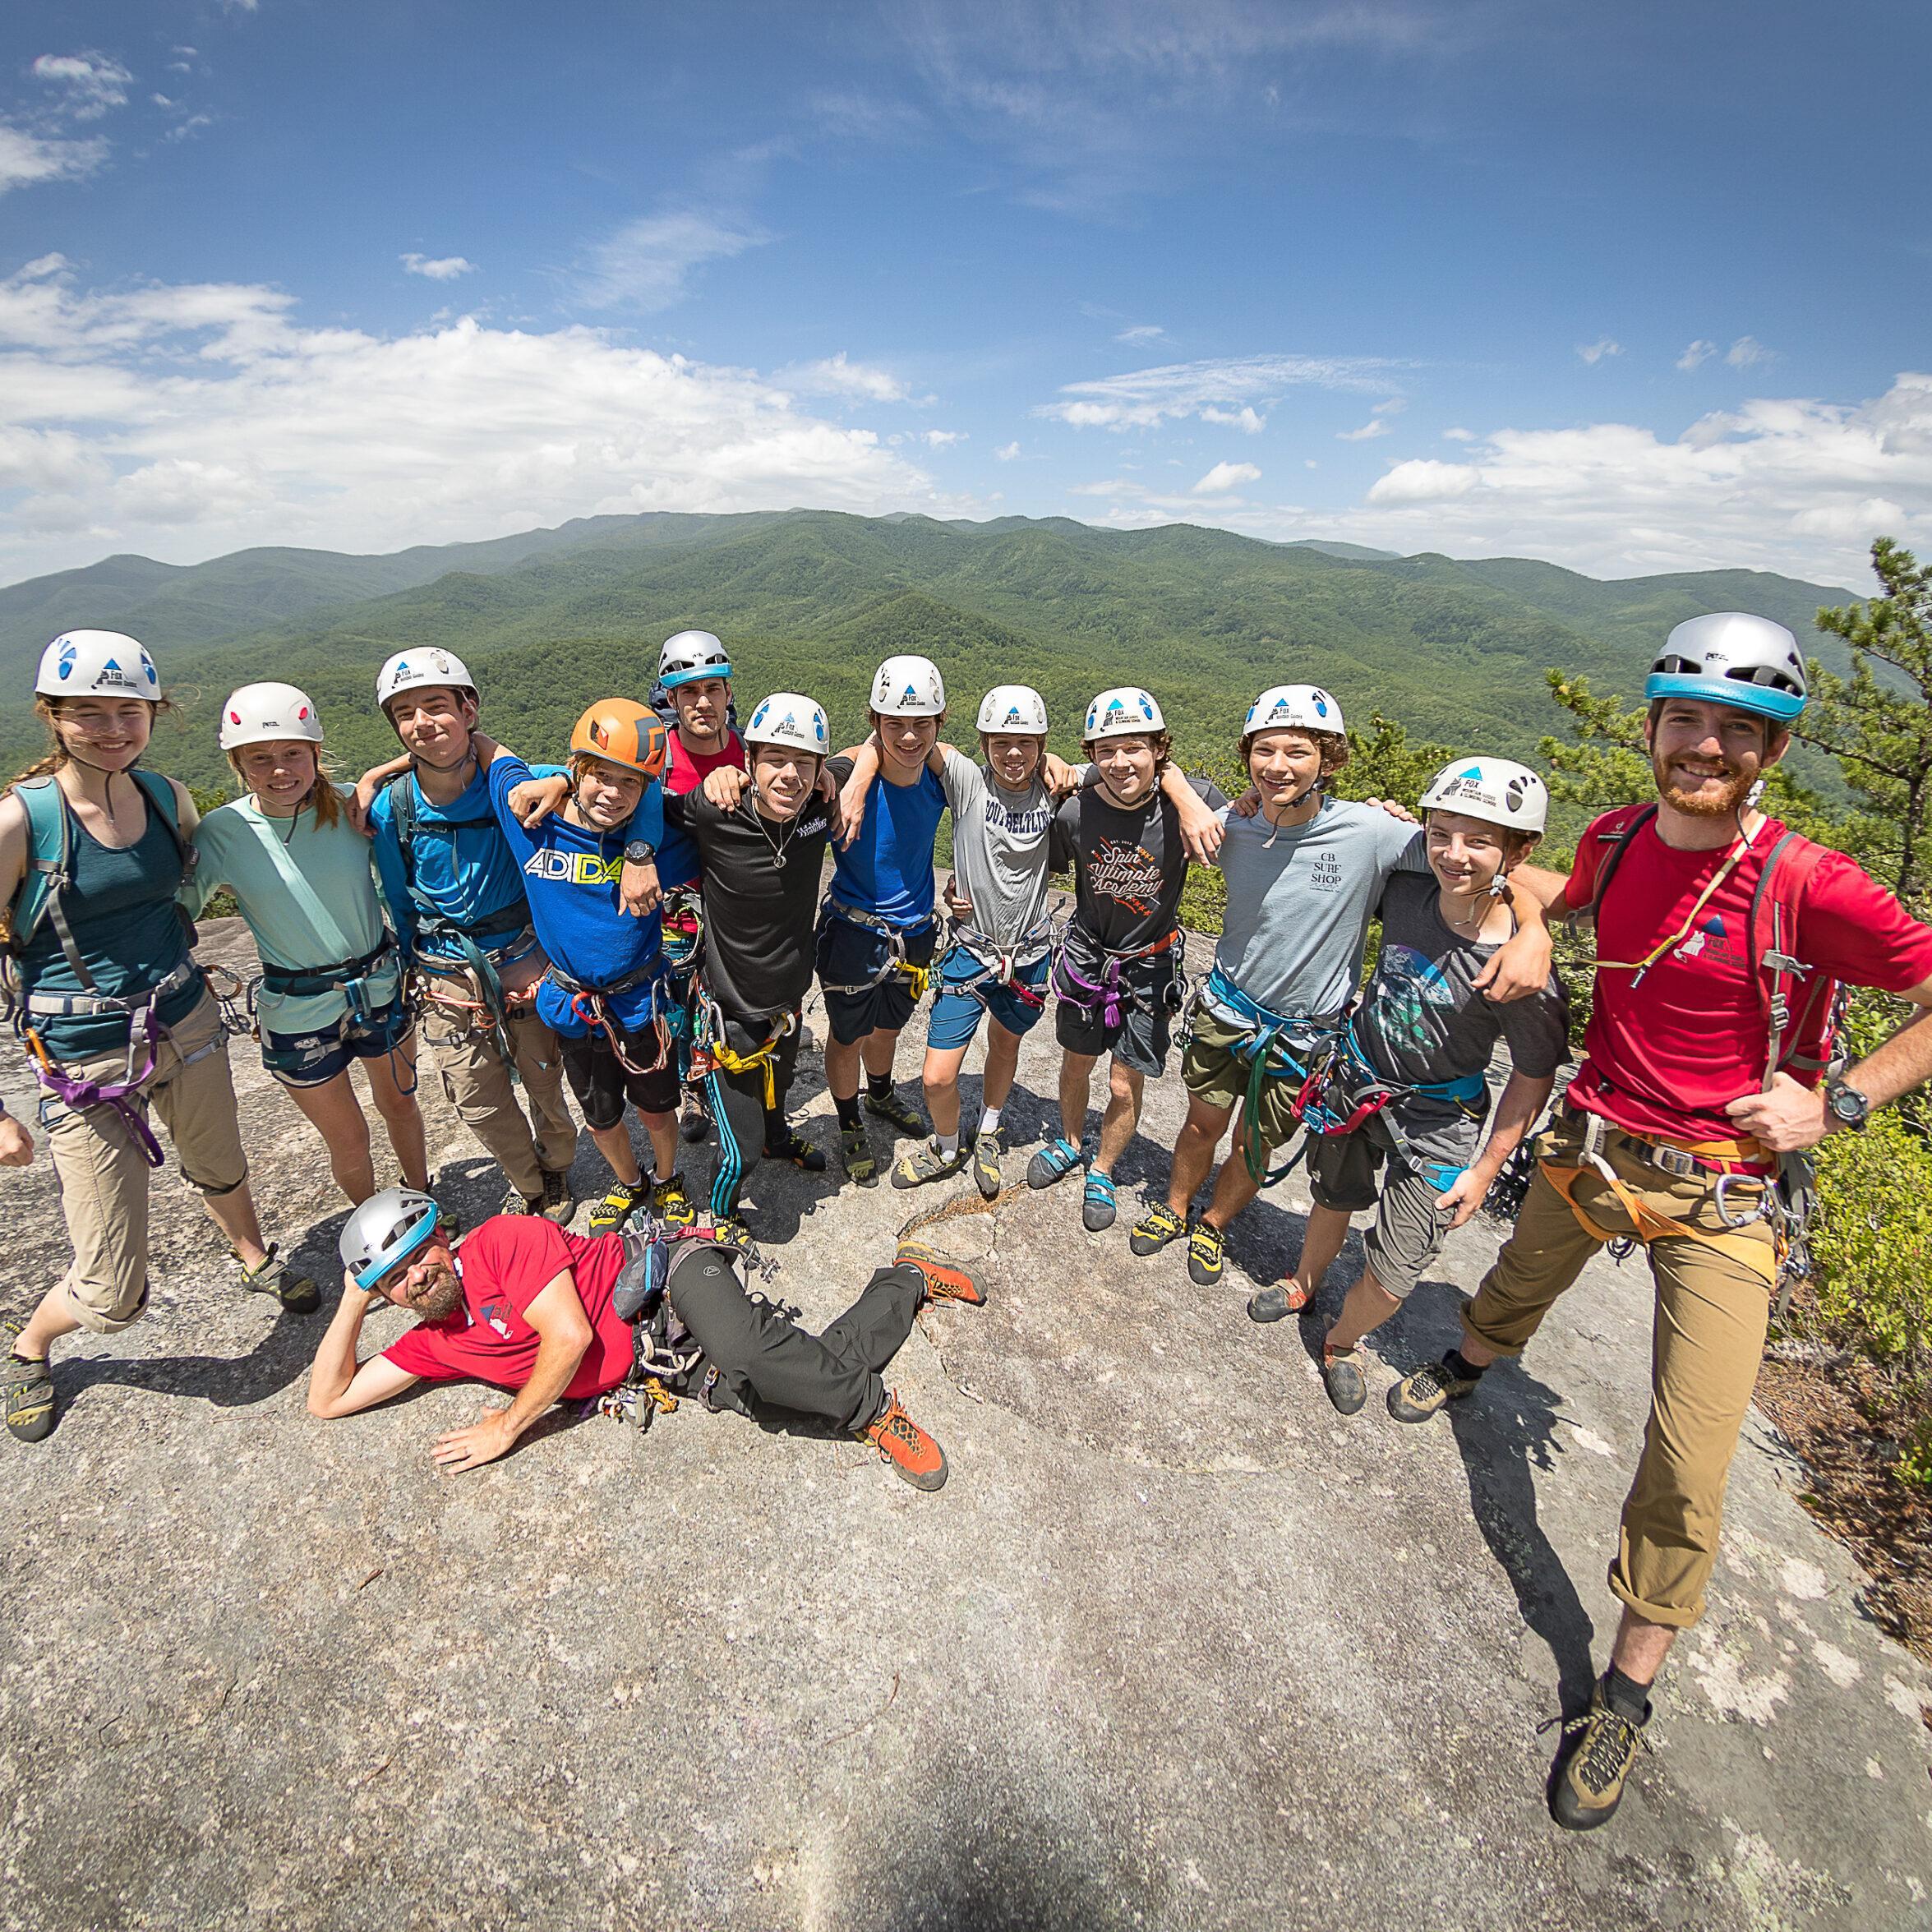 Group Rock Climb